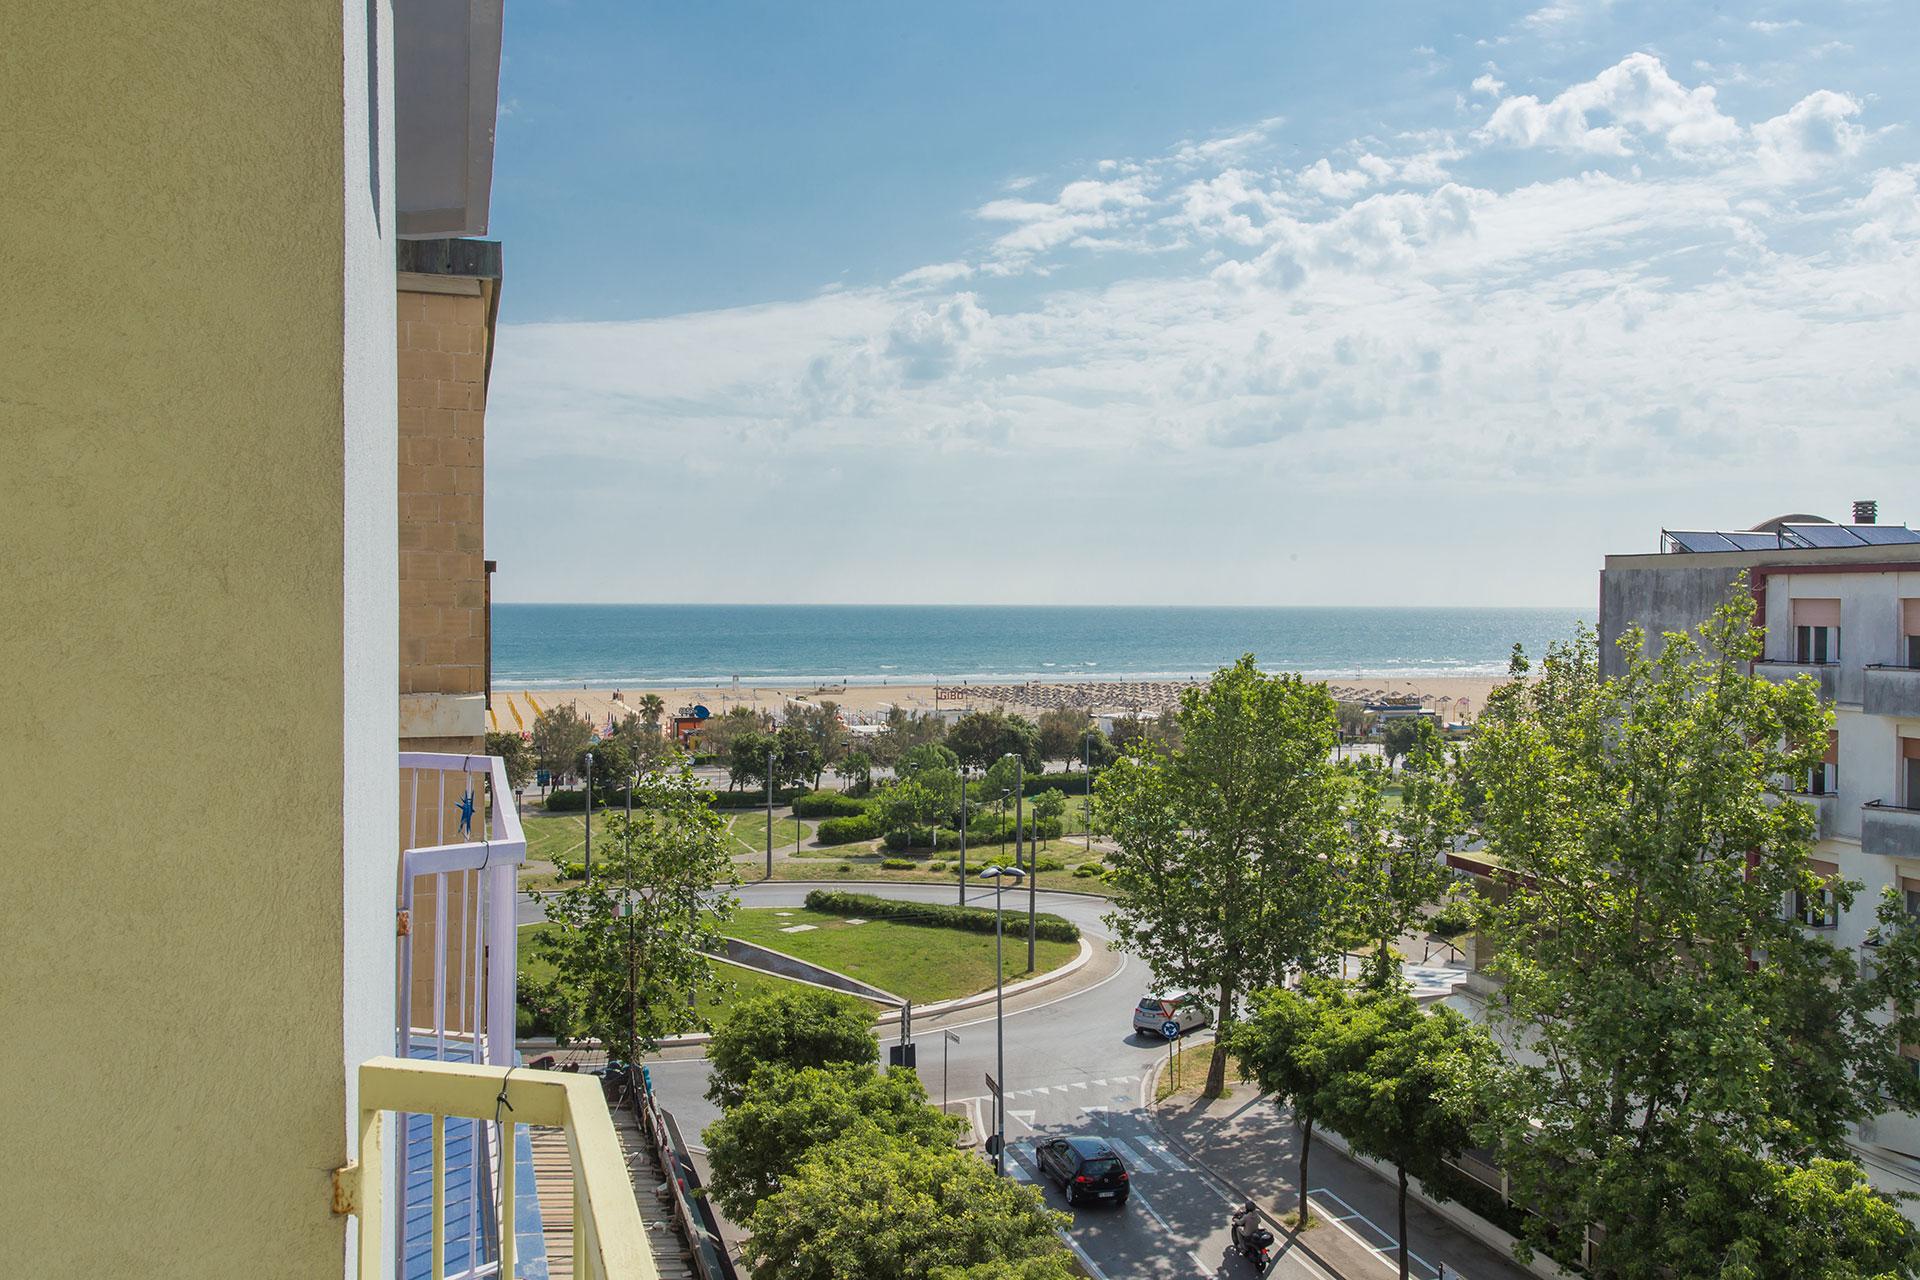 Offerte 23 - 30 maggio all inclusive a Rimini. Hotel 3 stelle tutto compreso!